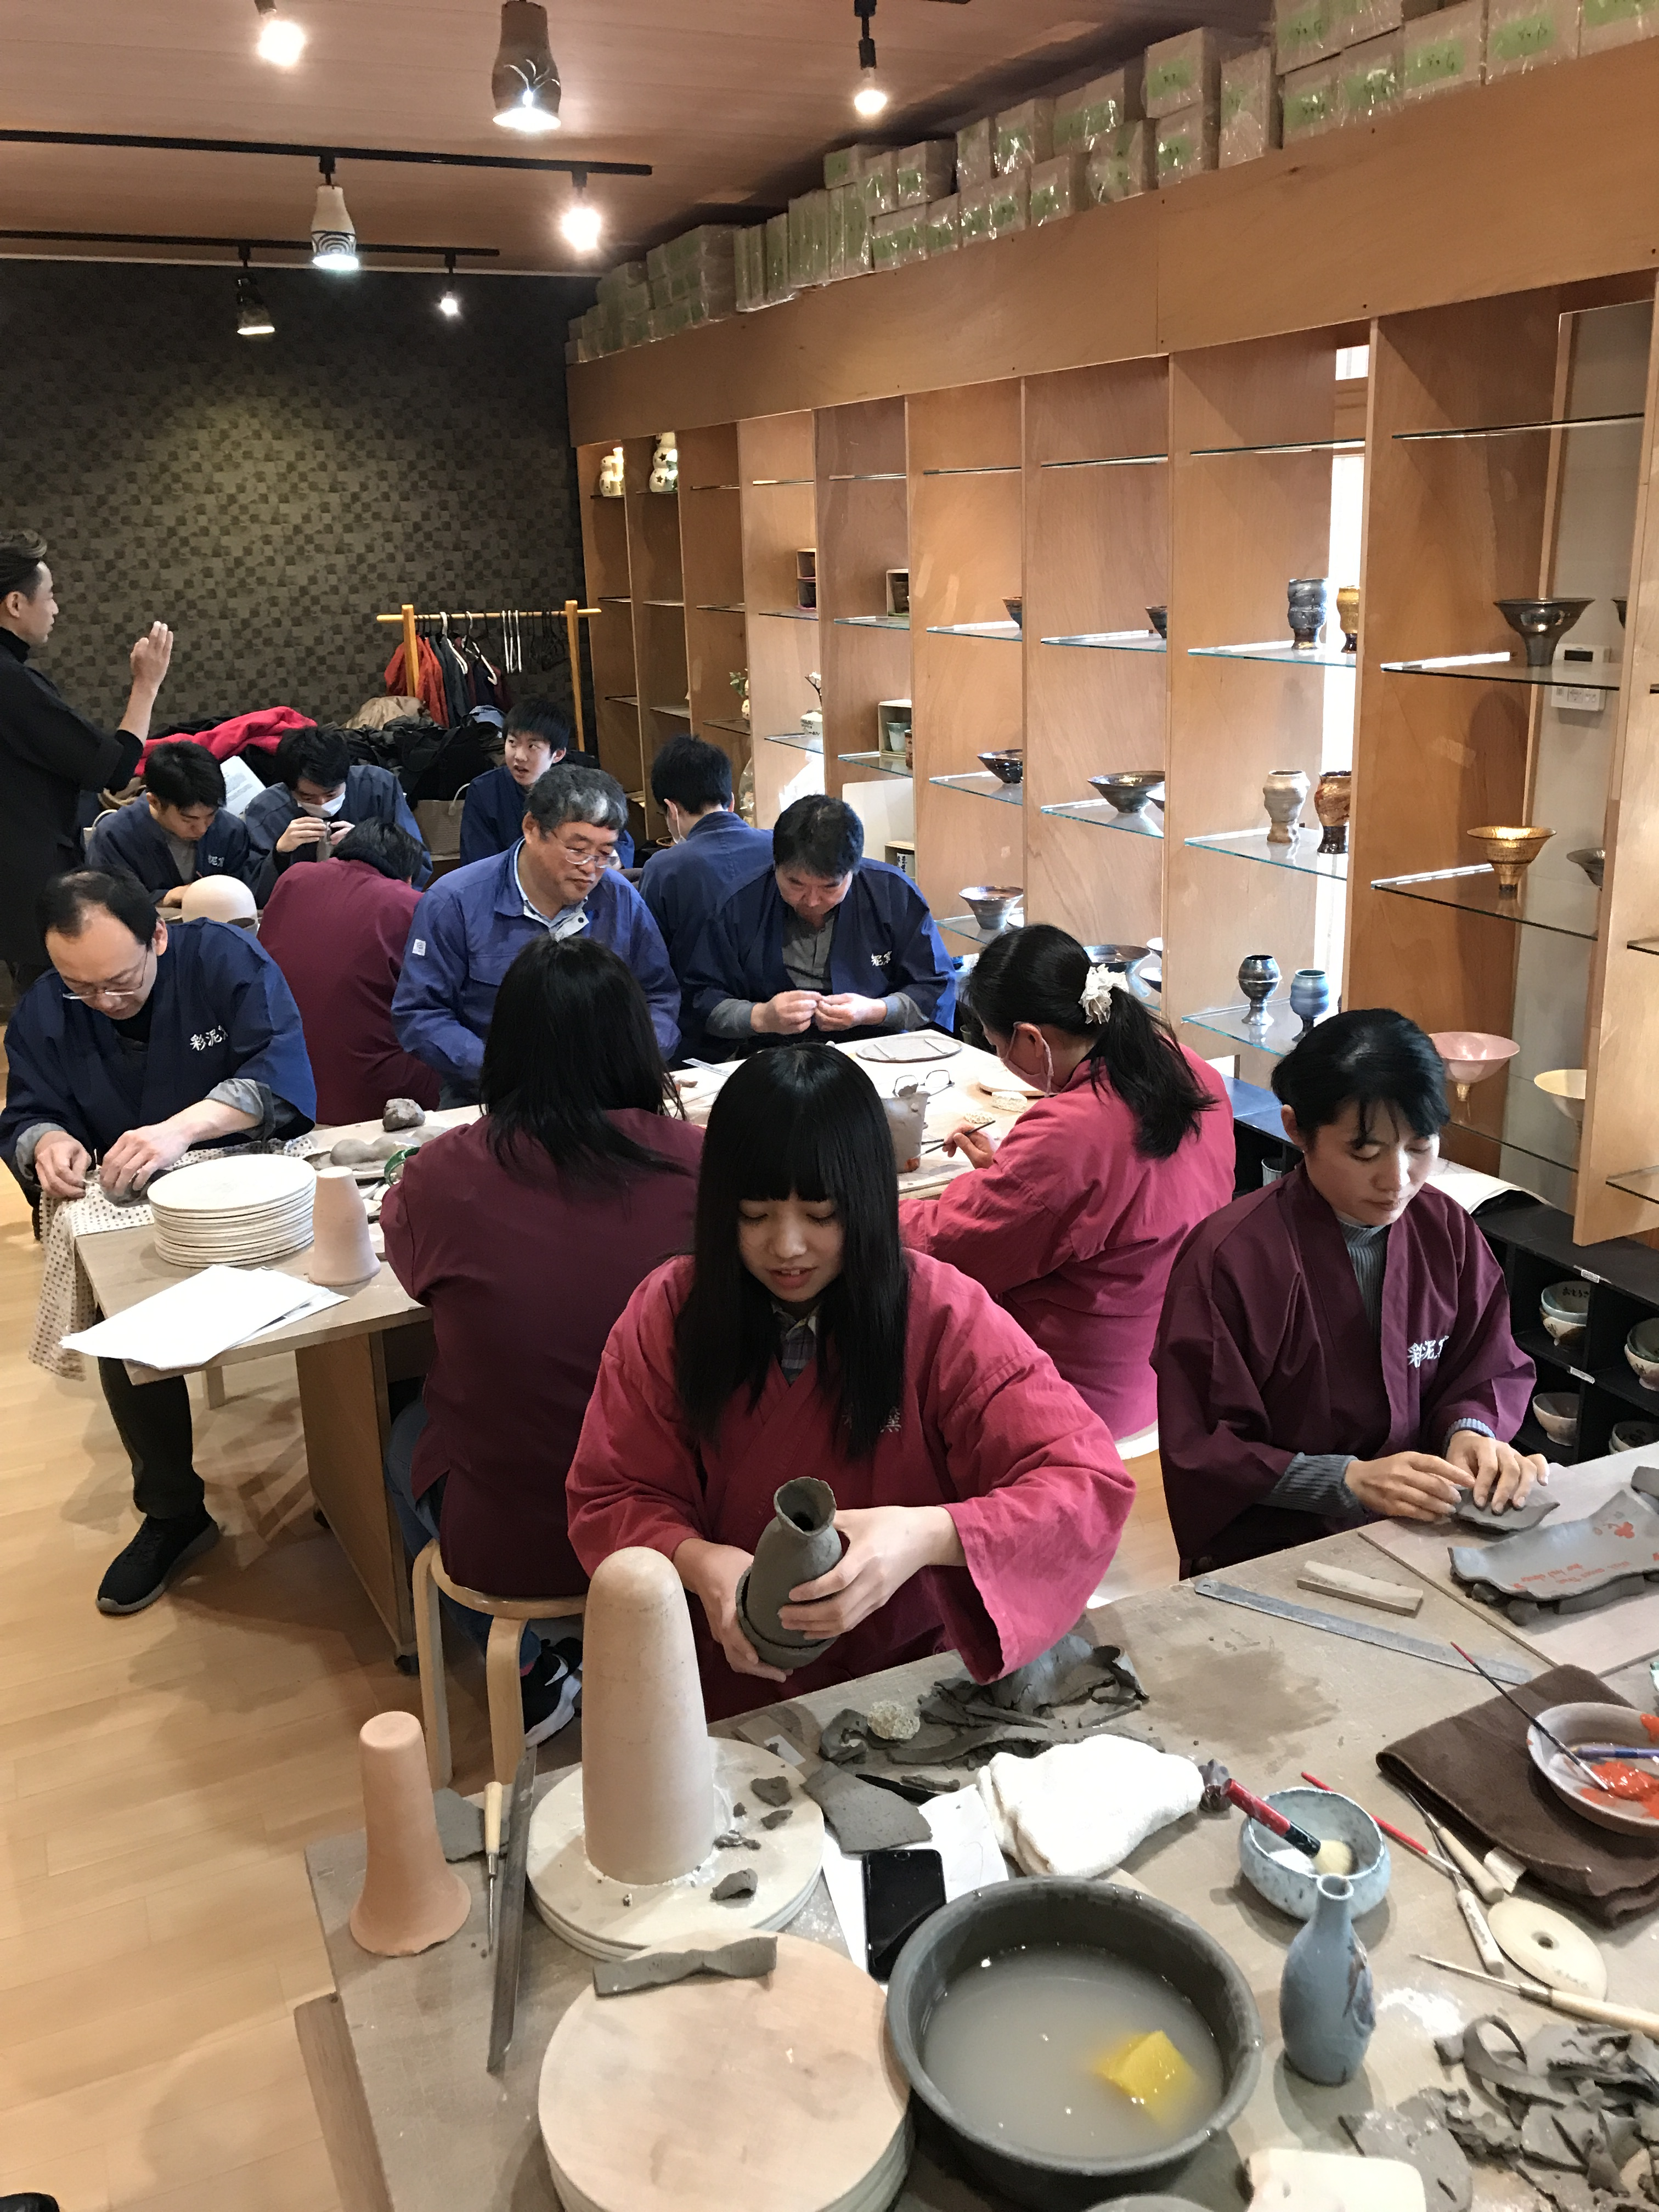 東京家政大学内食堂(食堂)の求人情報 求人@飲 …